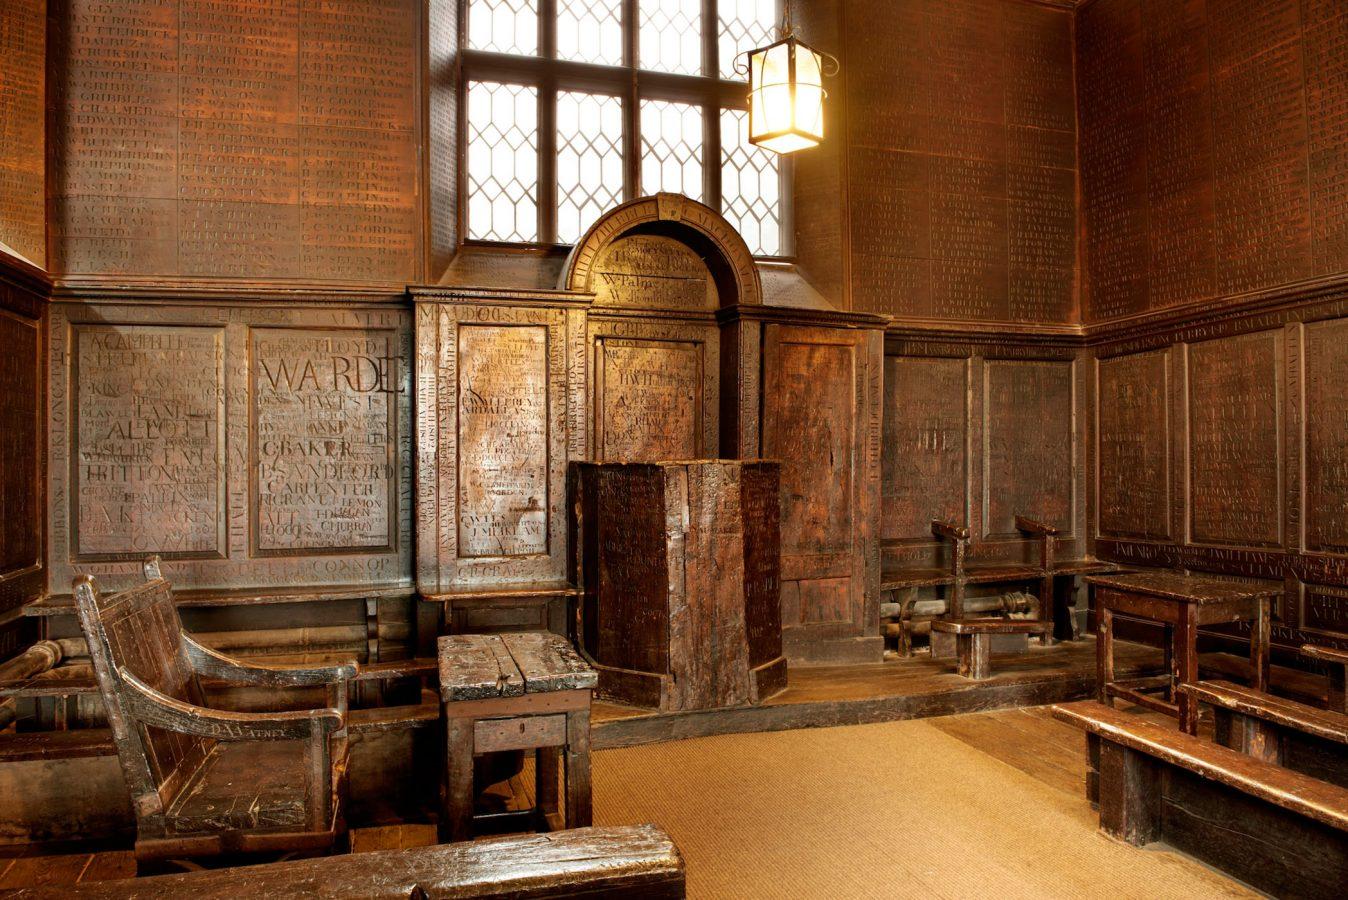 Harrow School Fourth Form Room 1572